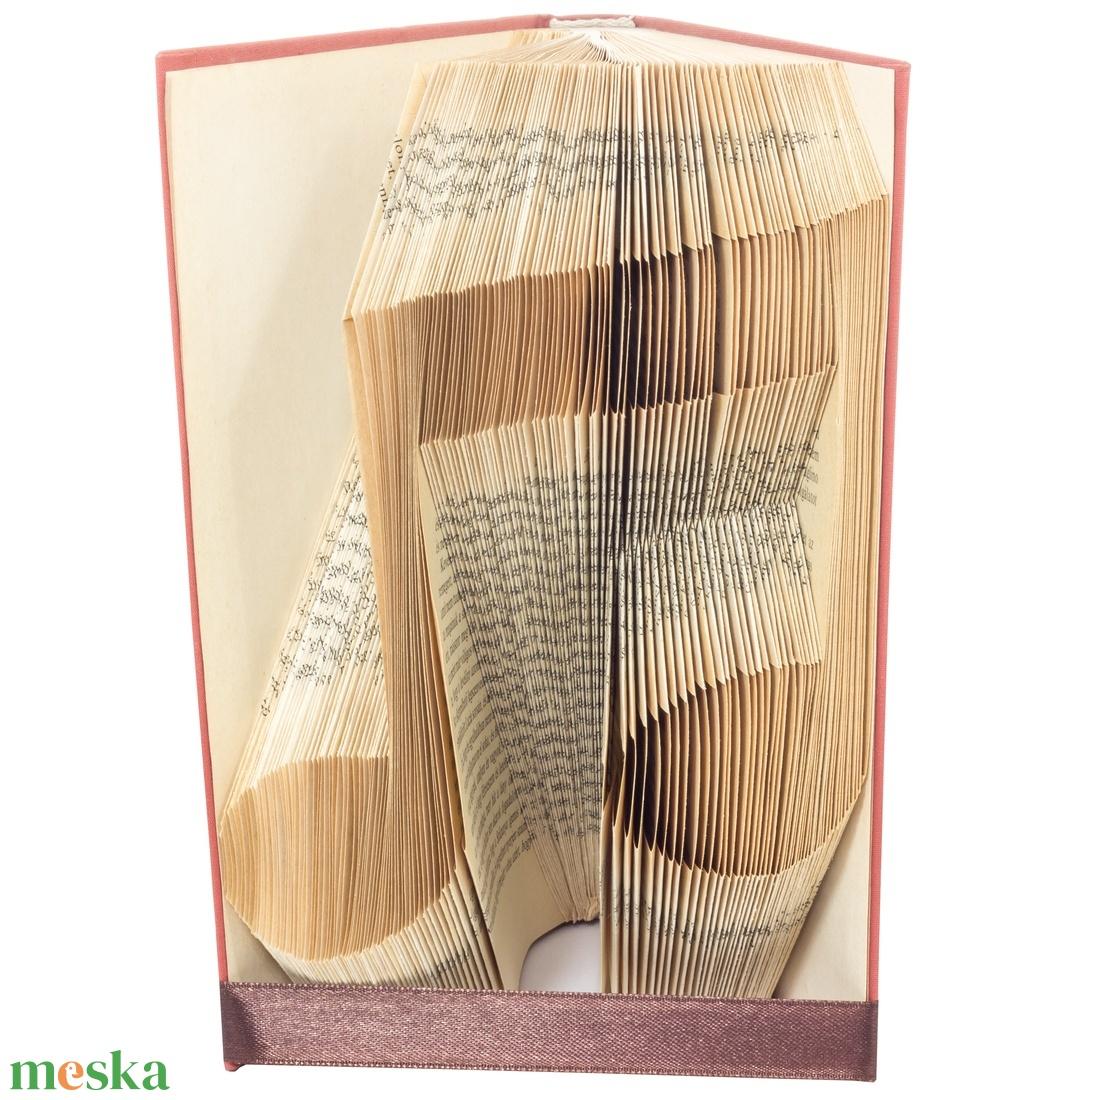 Hangjegy alakú hajtogatott könyvszobor, Zenetanár, Zenész, Éneke, Énektanár, Szolfézs, Zene, Művészet E753 (Wolfabric) - Meska.hu